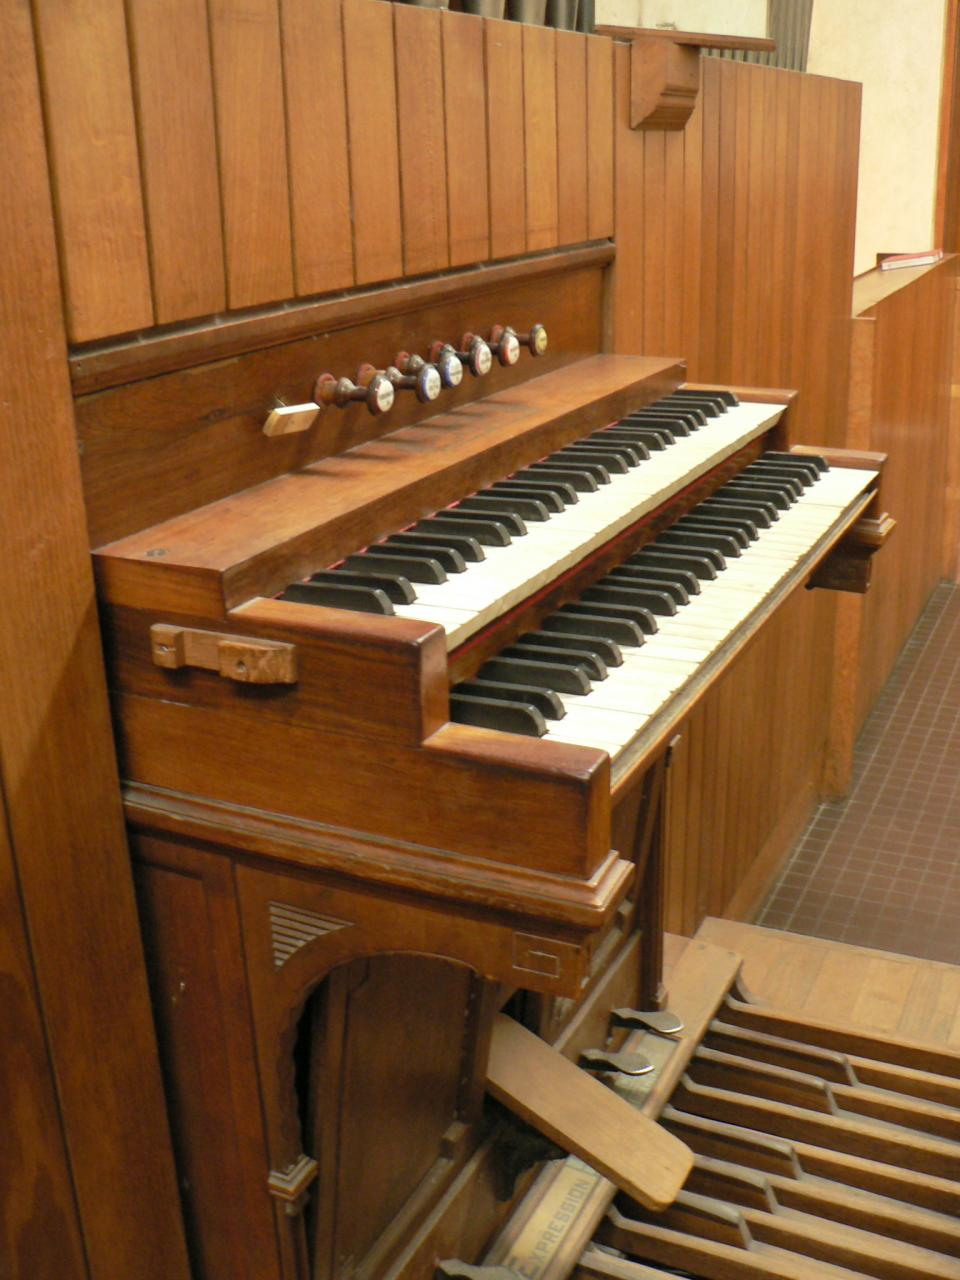 Orgue Clarté Dieu les claviers